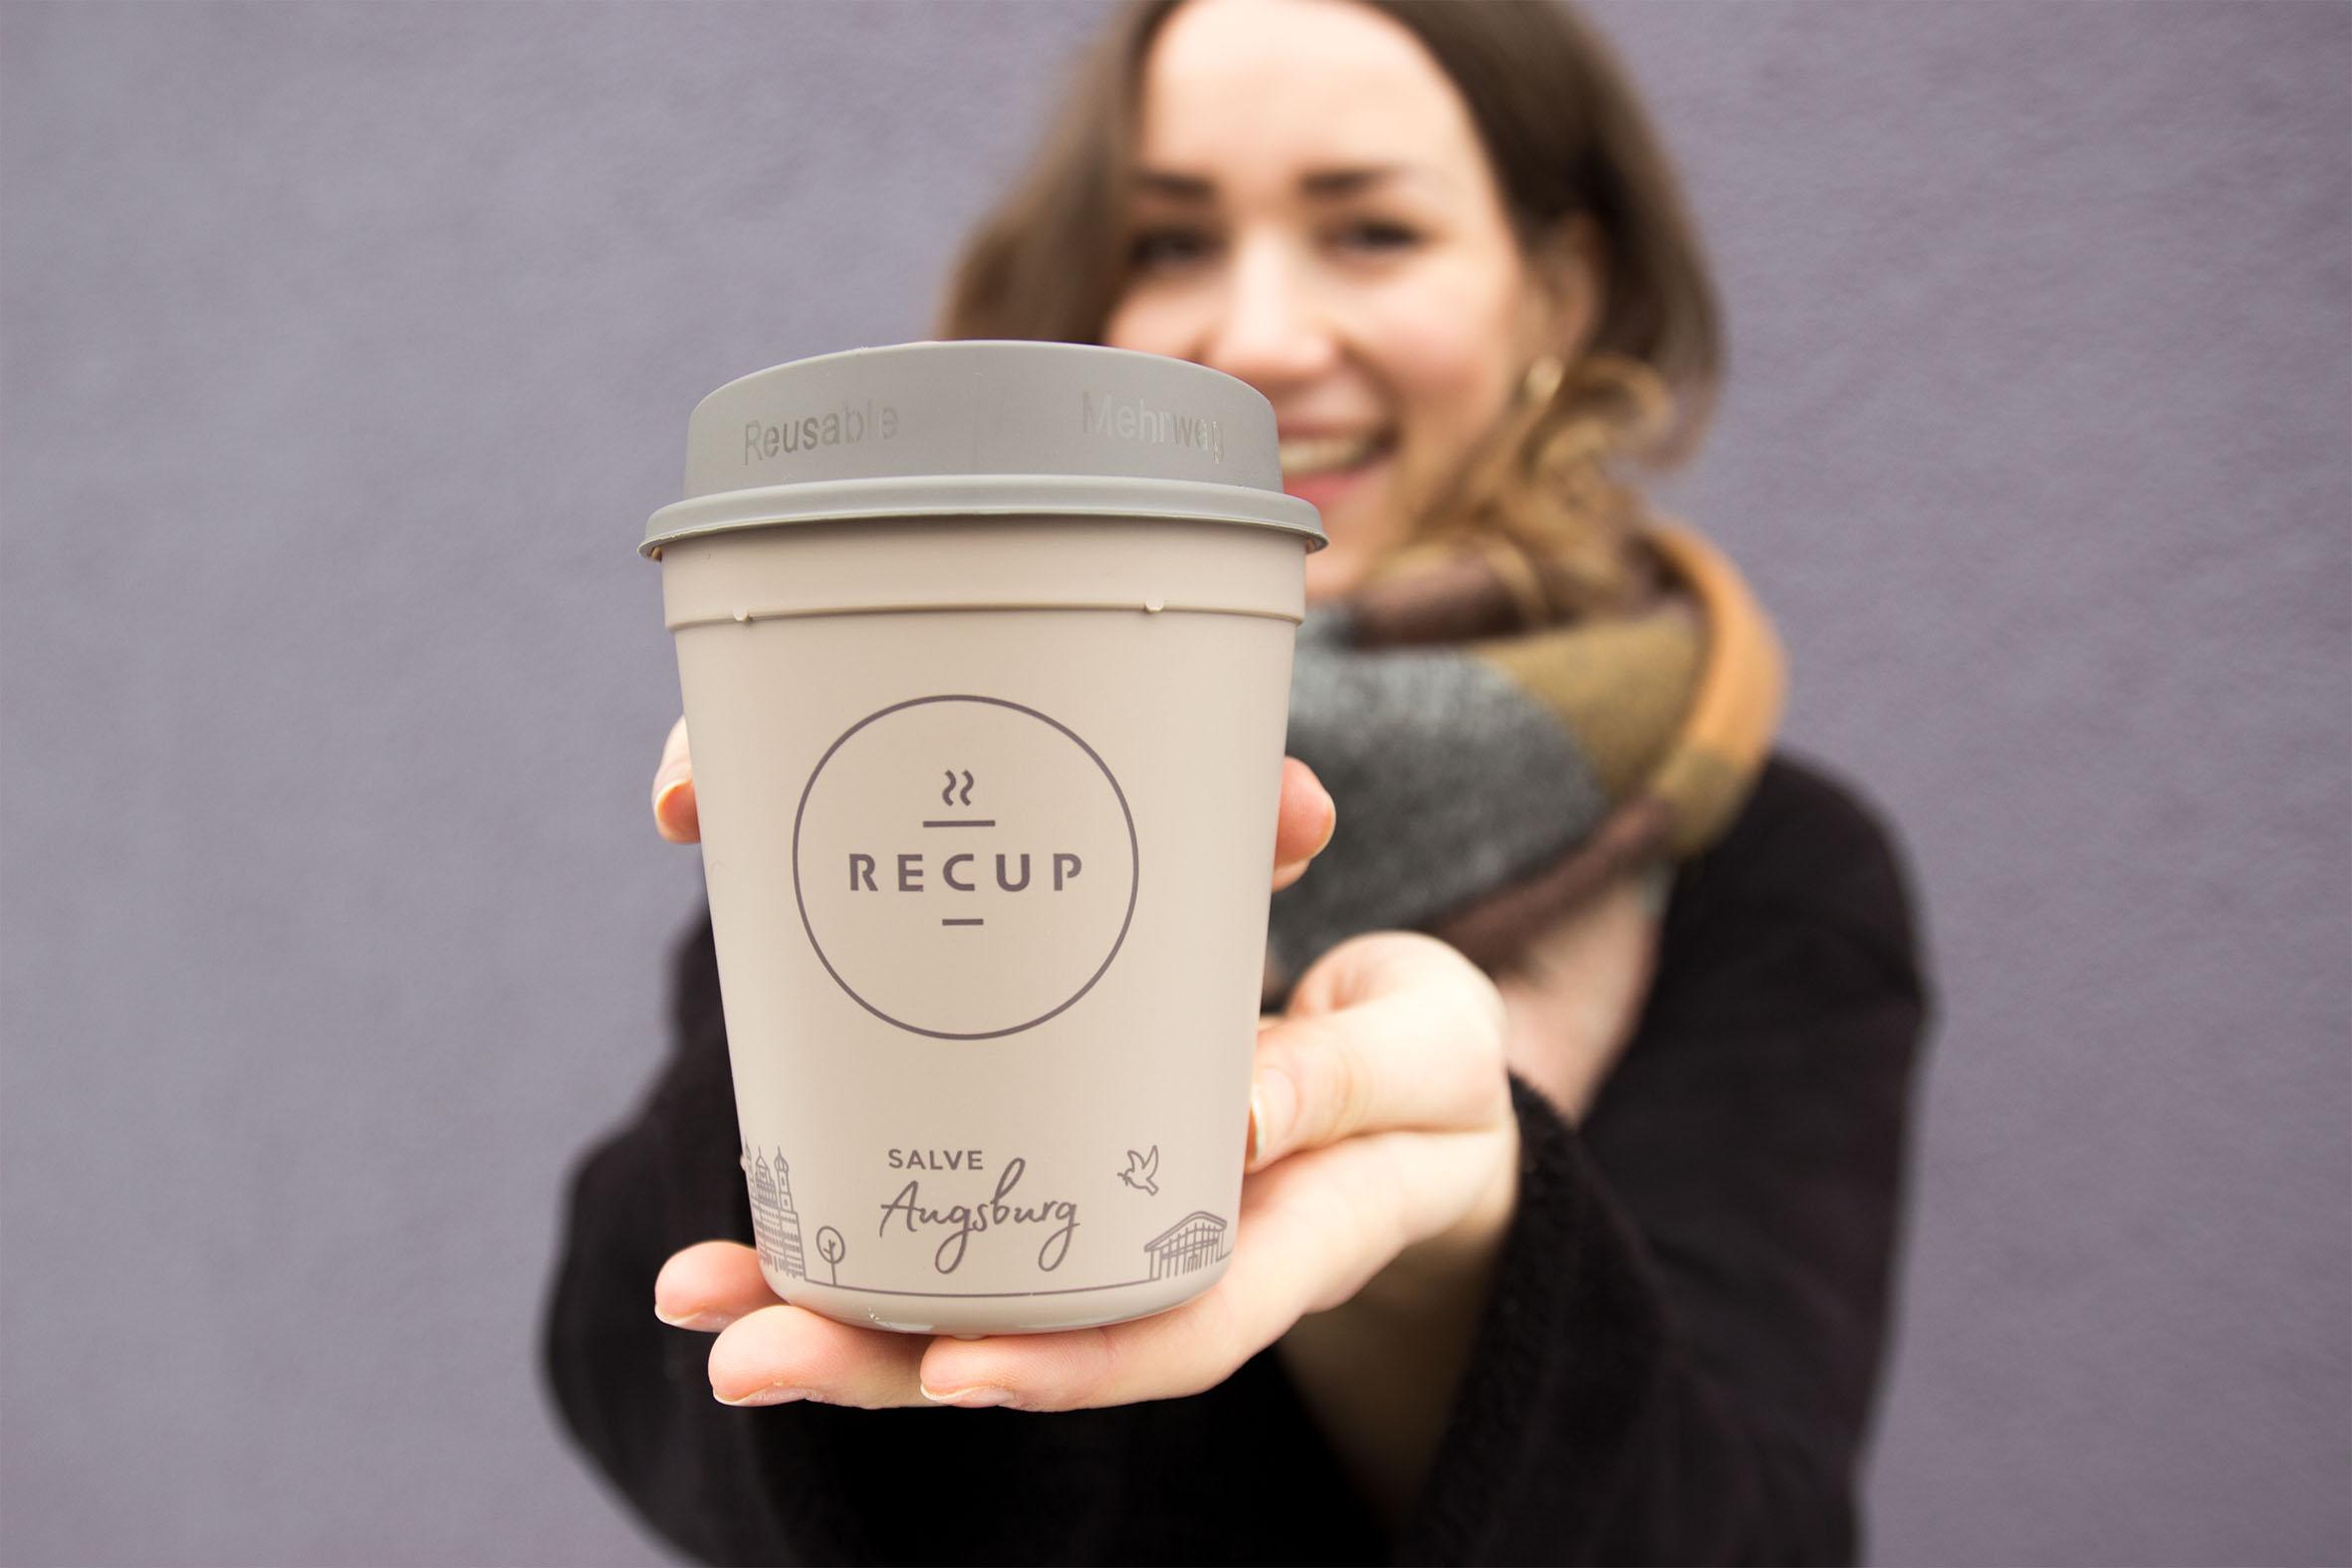 AUGSBURG-RECUP  SALVE Augsburg! Ab jetzt trinkt auch die alte Römerstadt Coffee-to-go im Pfandbecher und wir freuen uns über viele neue Partner!